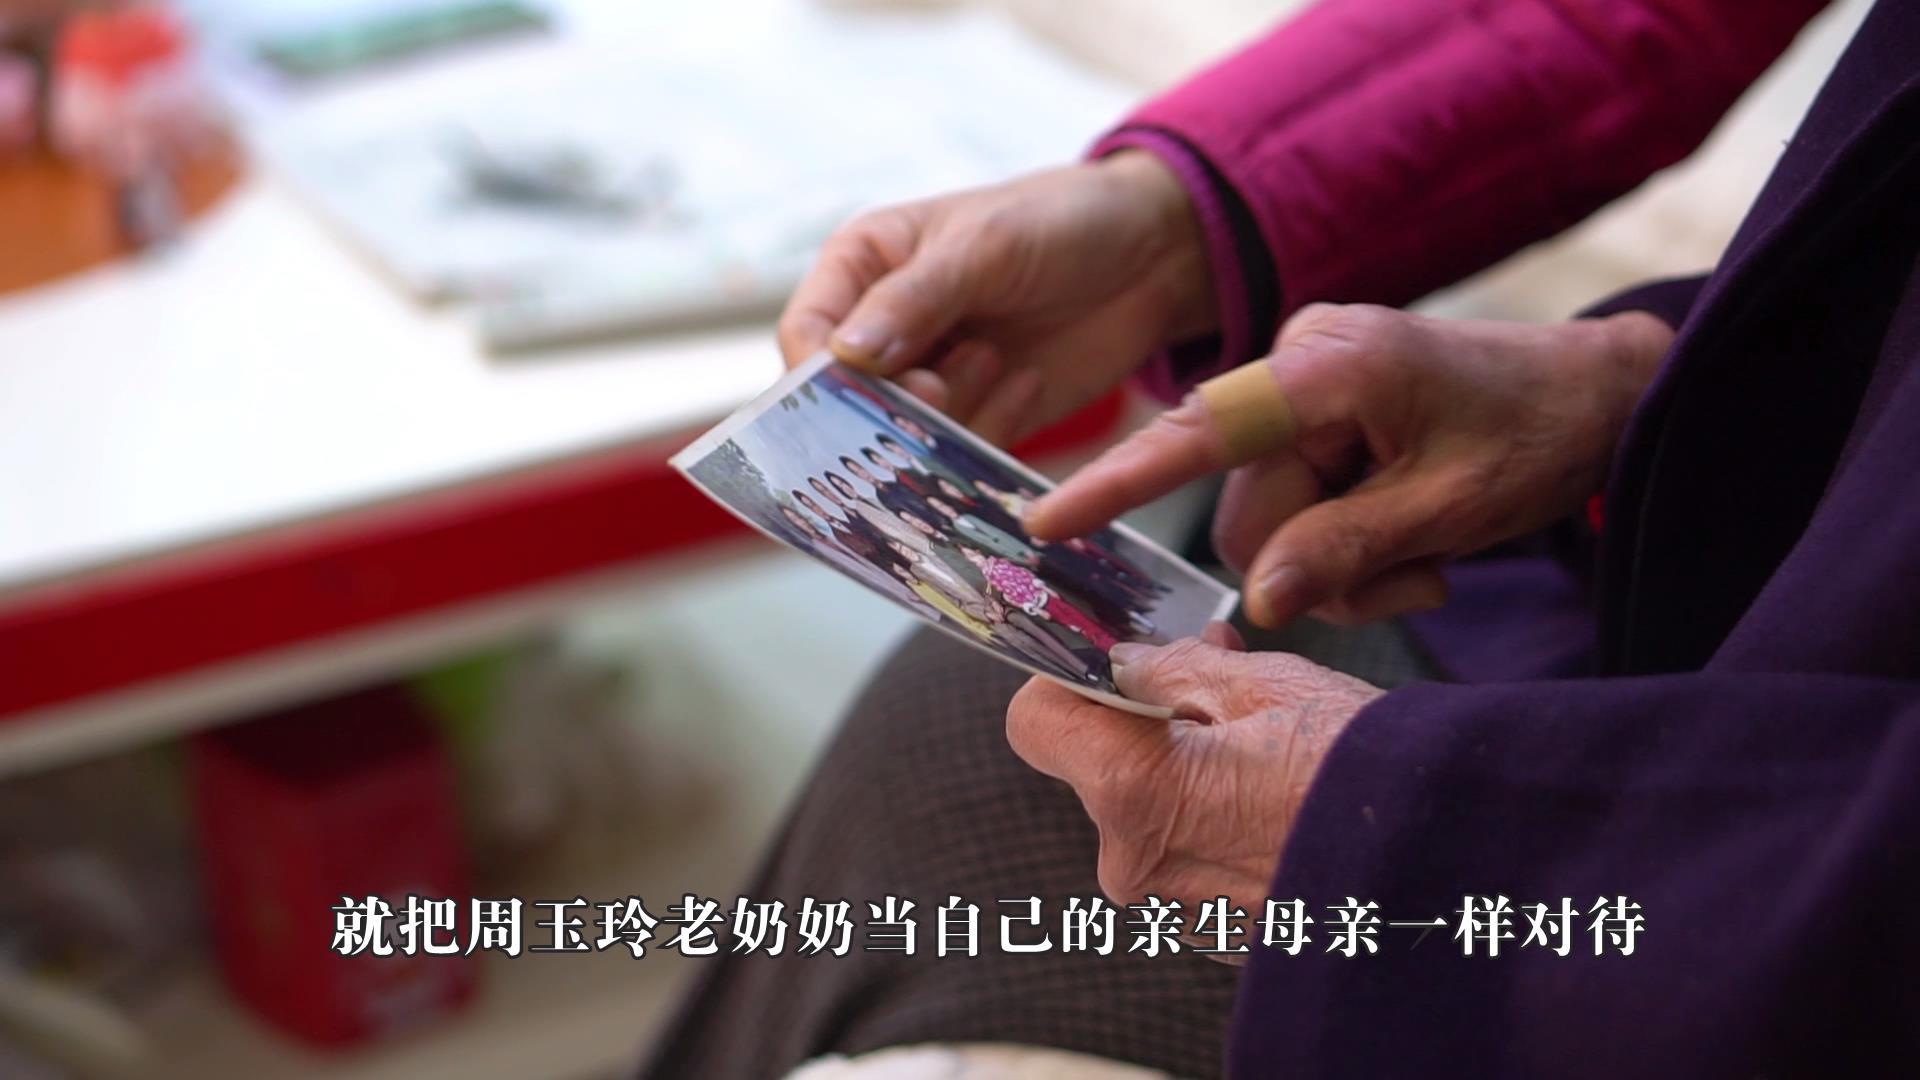 安徽省宿州市-盧湘君-2018[00_02_09][20190415-161534].jpg